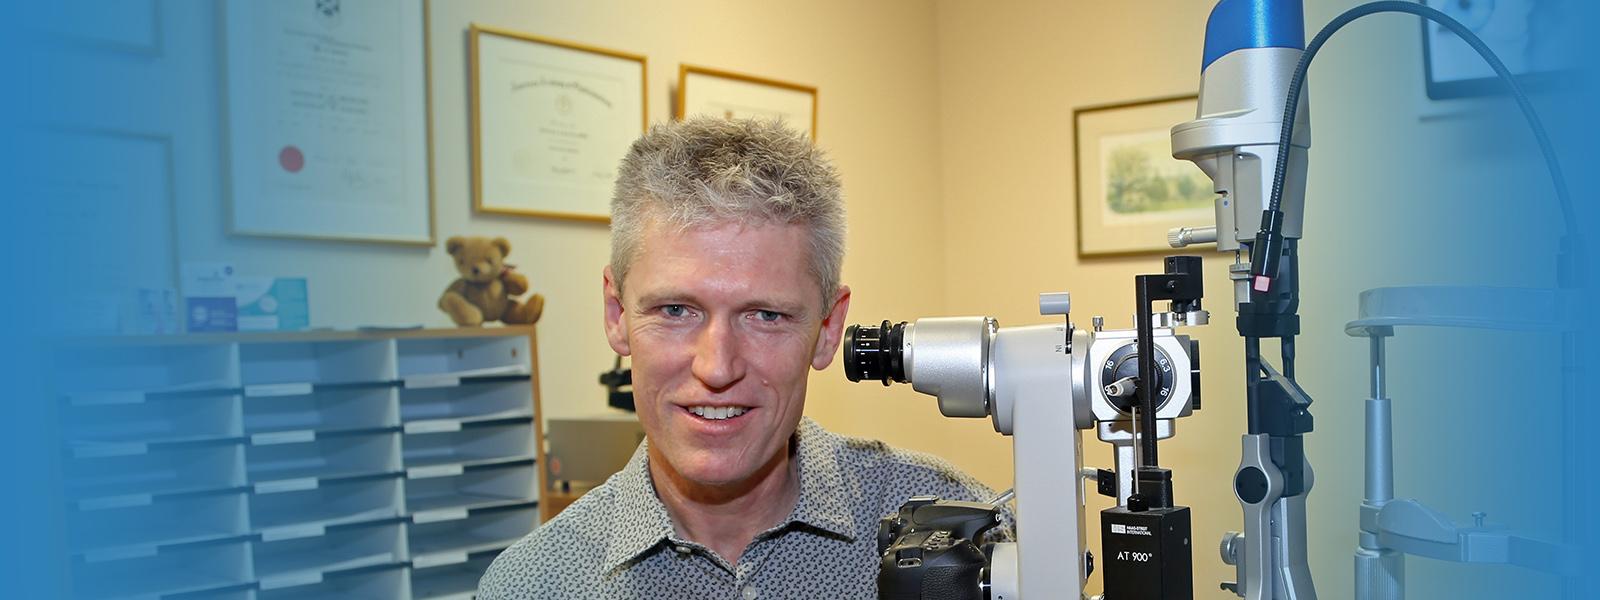 Dr Chris Kennedy